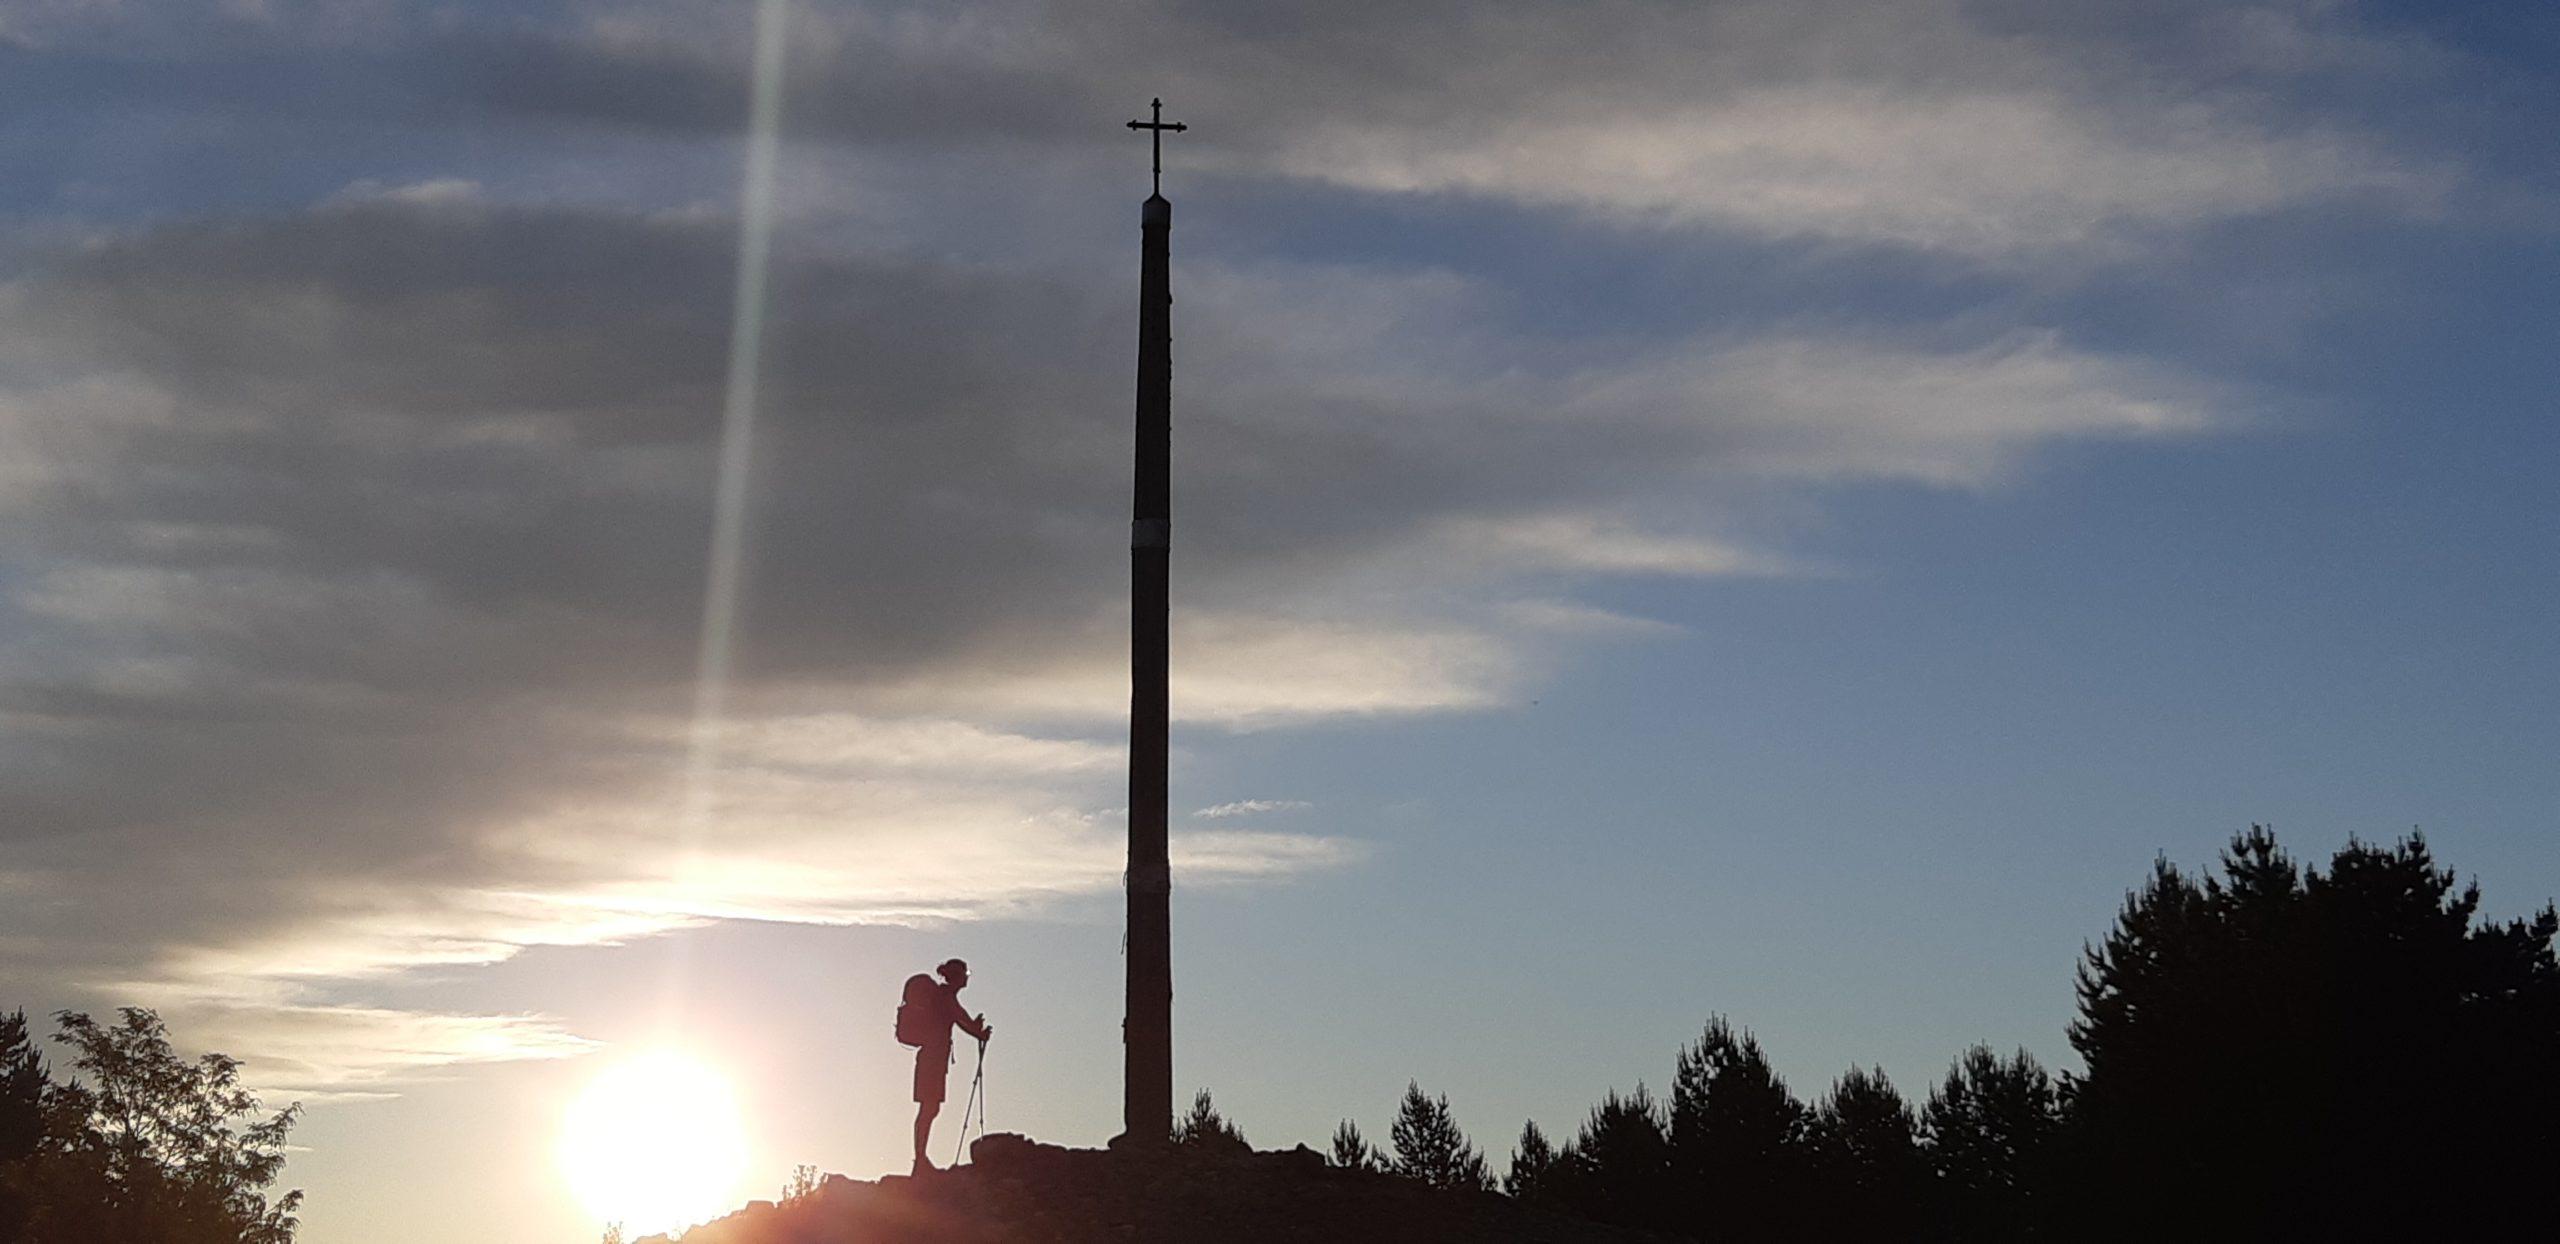 Pèlerin sous une croix de fer à Compostelle